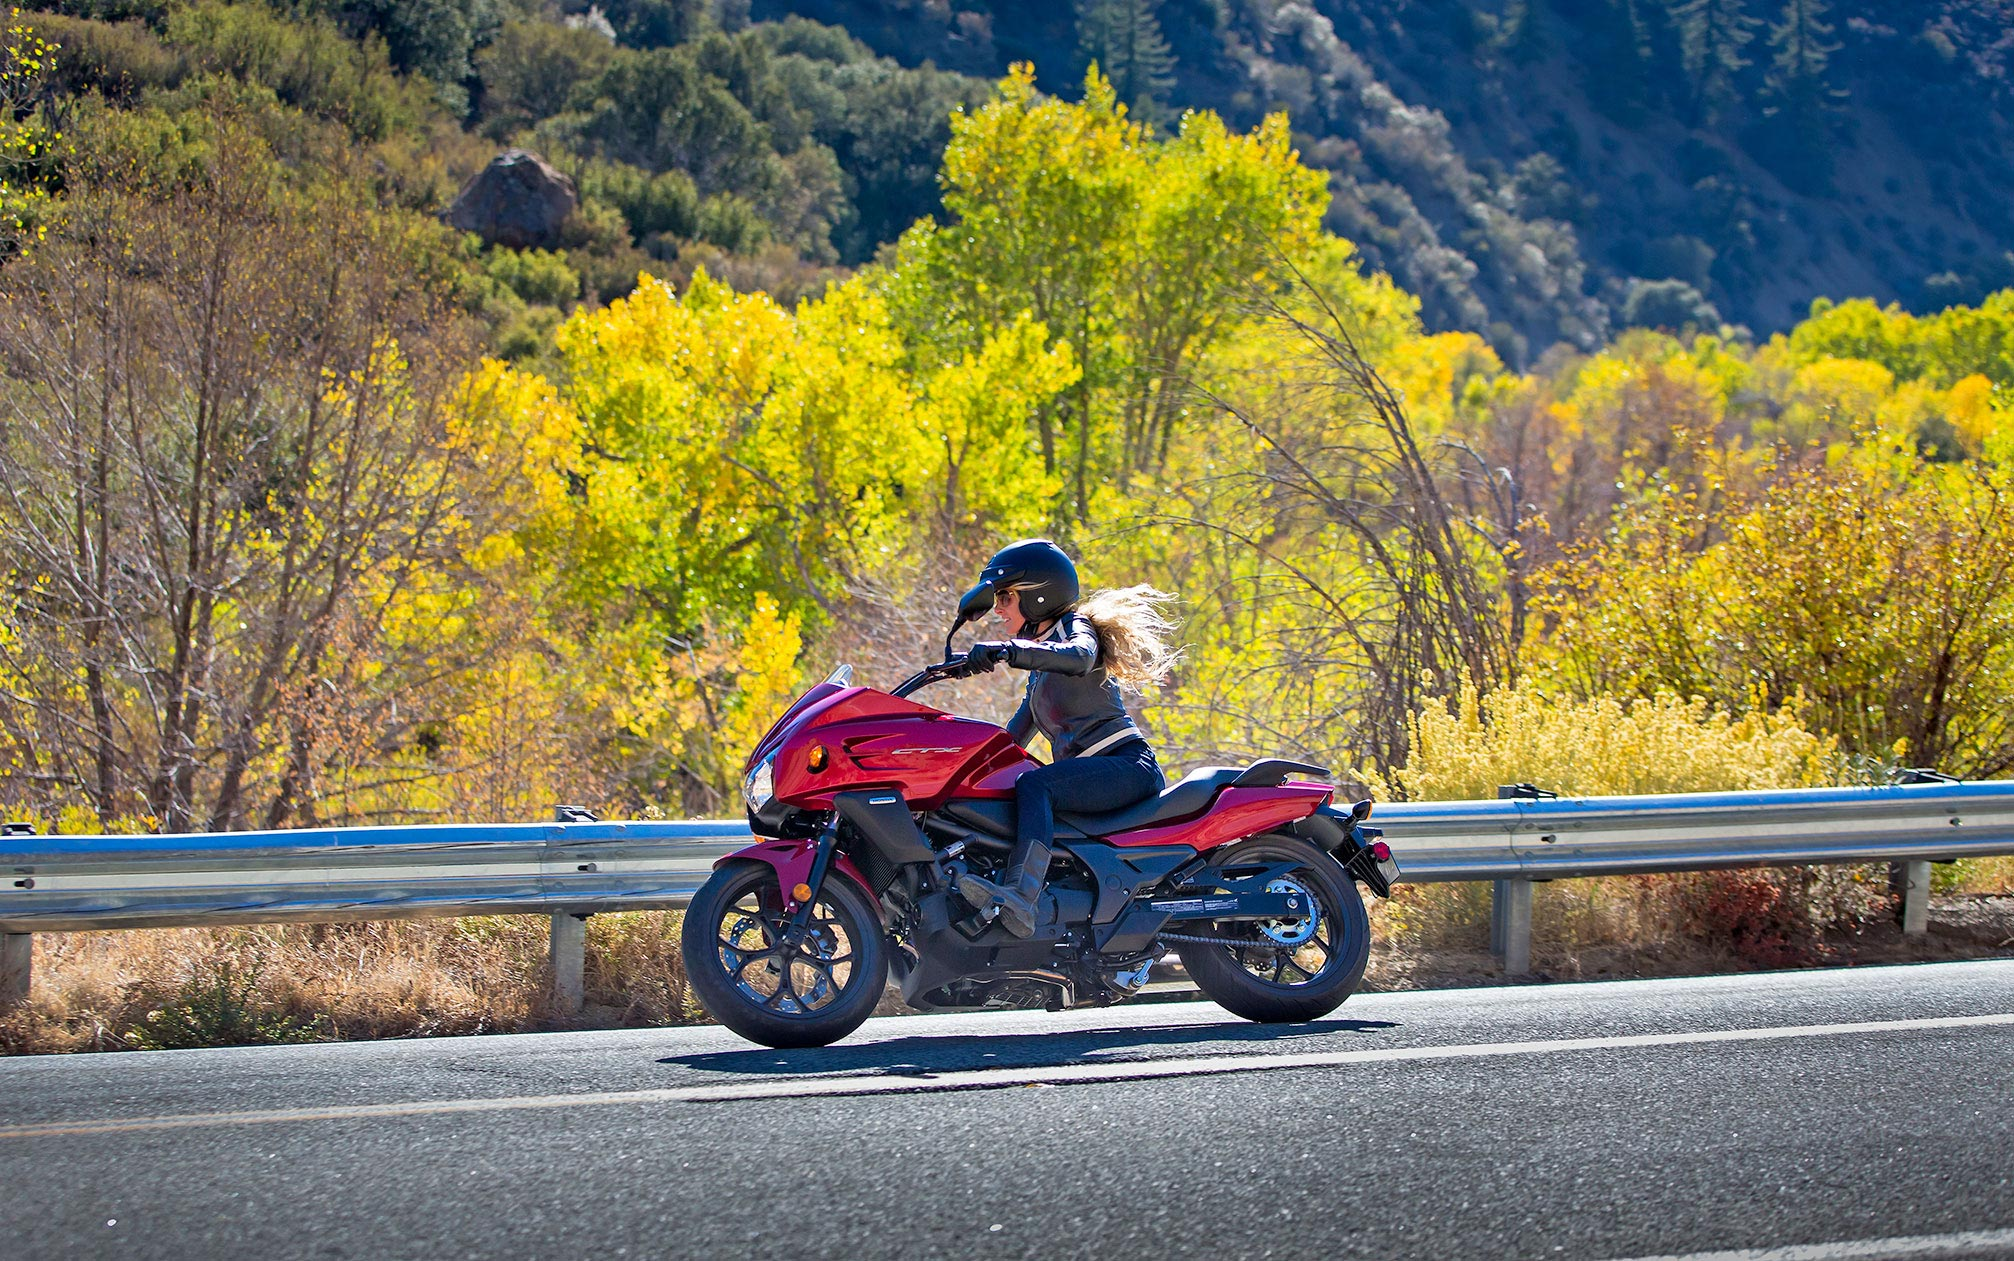 本田ctx1300摩托车图片